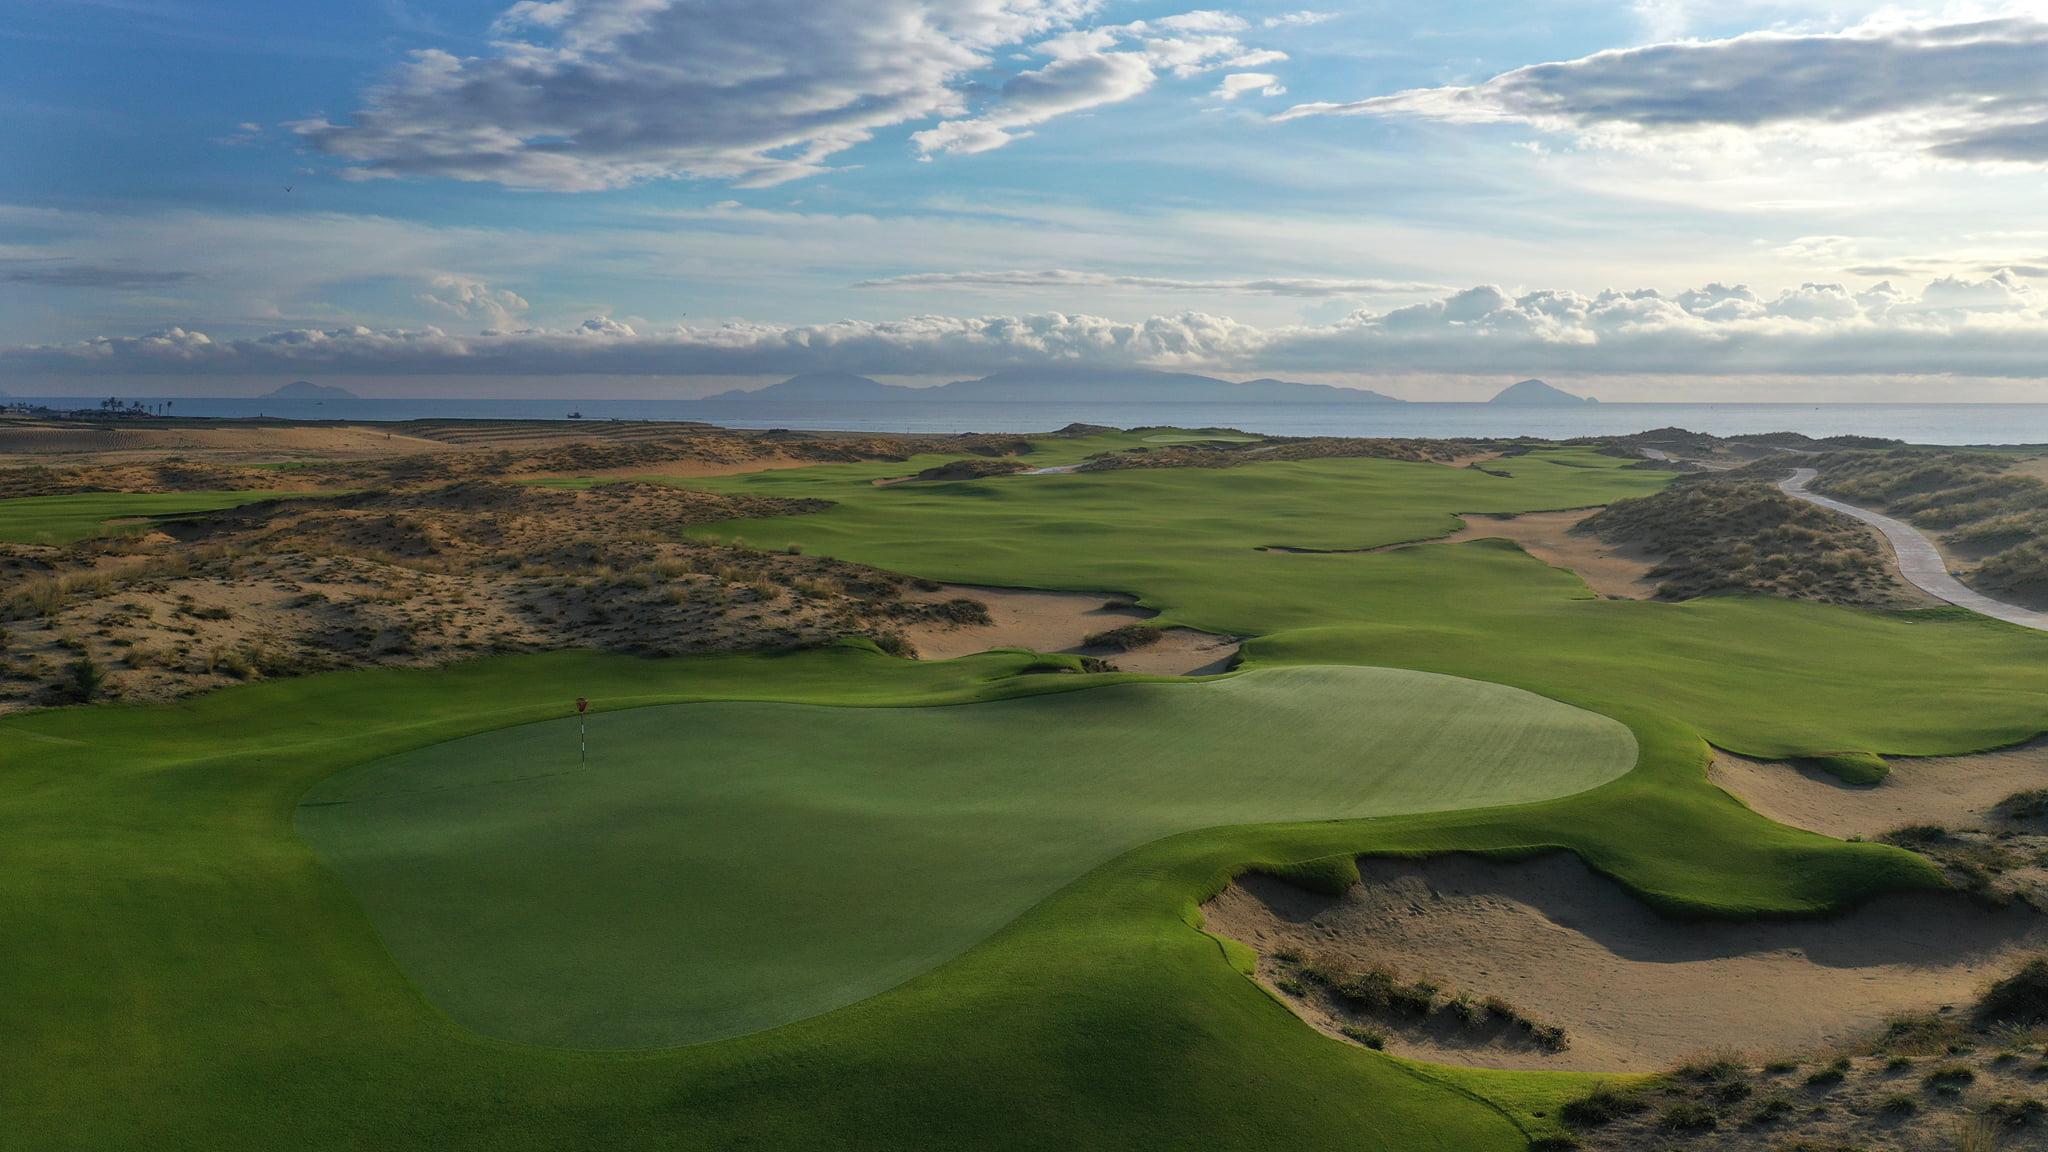 Sân golf Hoiana Shores Golf Club